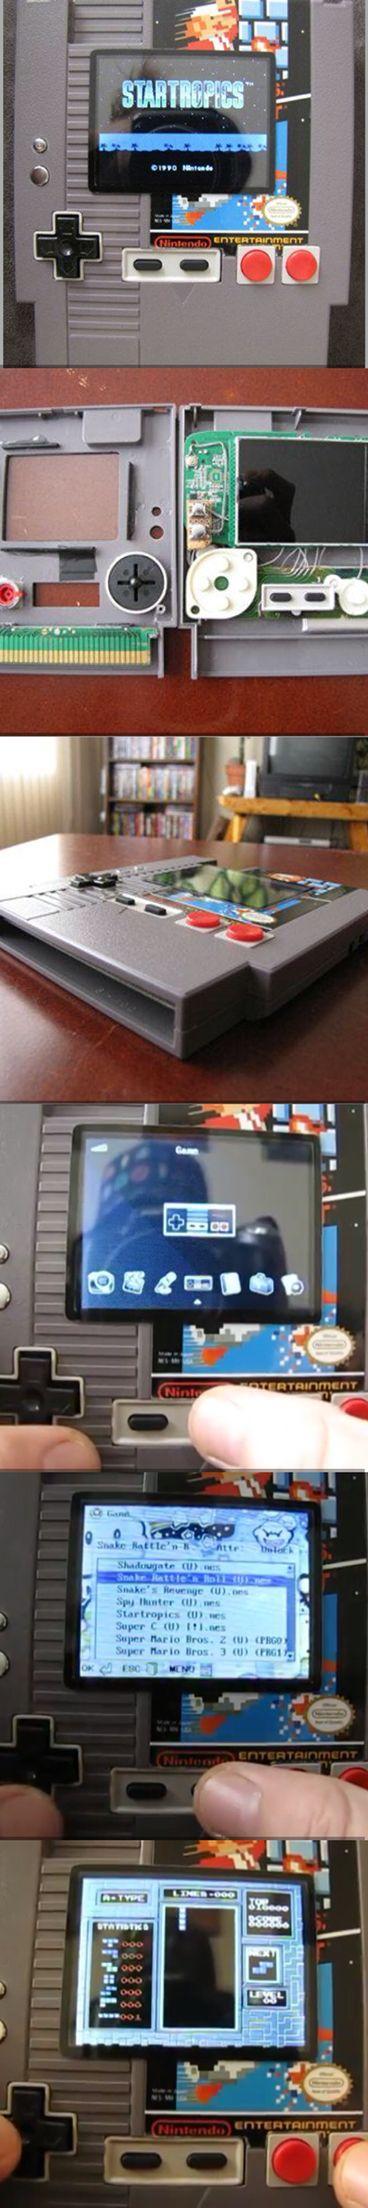 NES cartridge emulator NES custom NES mod in 2020 Retro